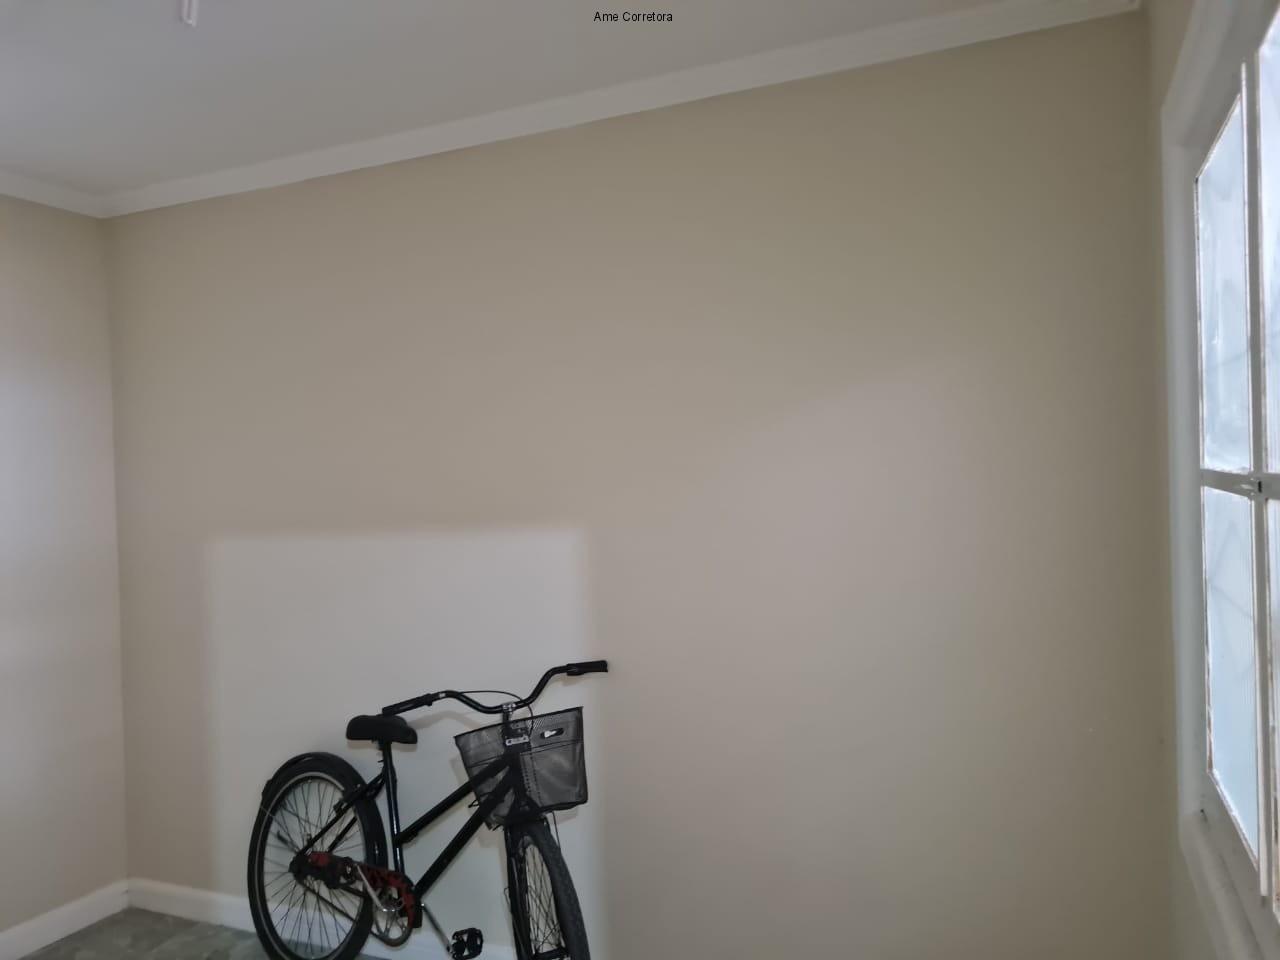 FOTO 10 - Apartamento 2 quartos para venda e aluguel Santíssimo, Rio de Janeiro - R$ 1.000 - AP00464 - 11